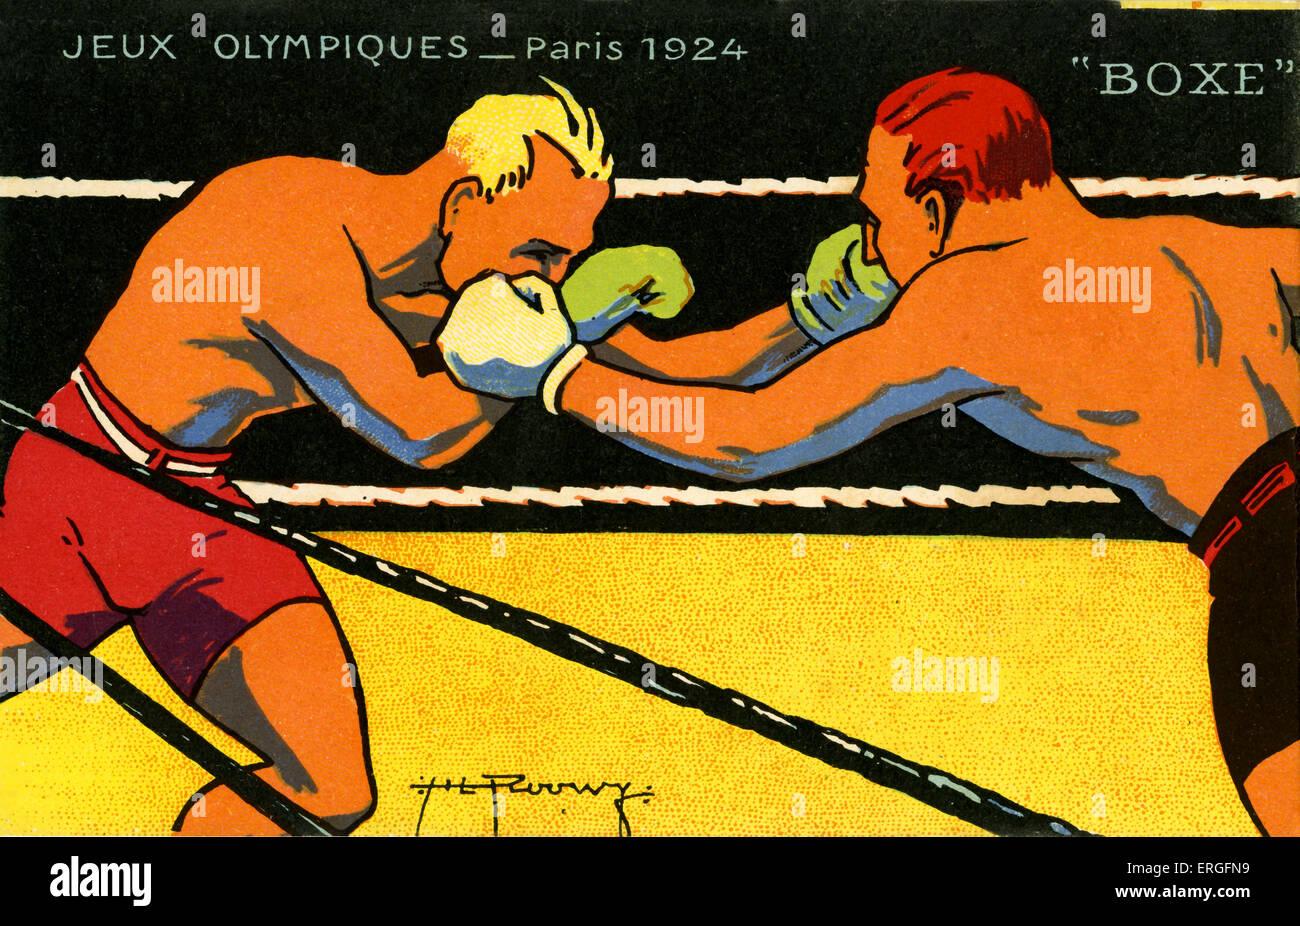 Olimpiadi 1924 Parigi Francia. Pugili, boxe campionato. Jeux Olympiques Immagini Stock